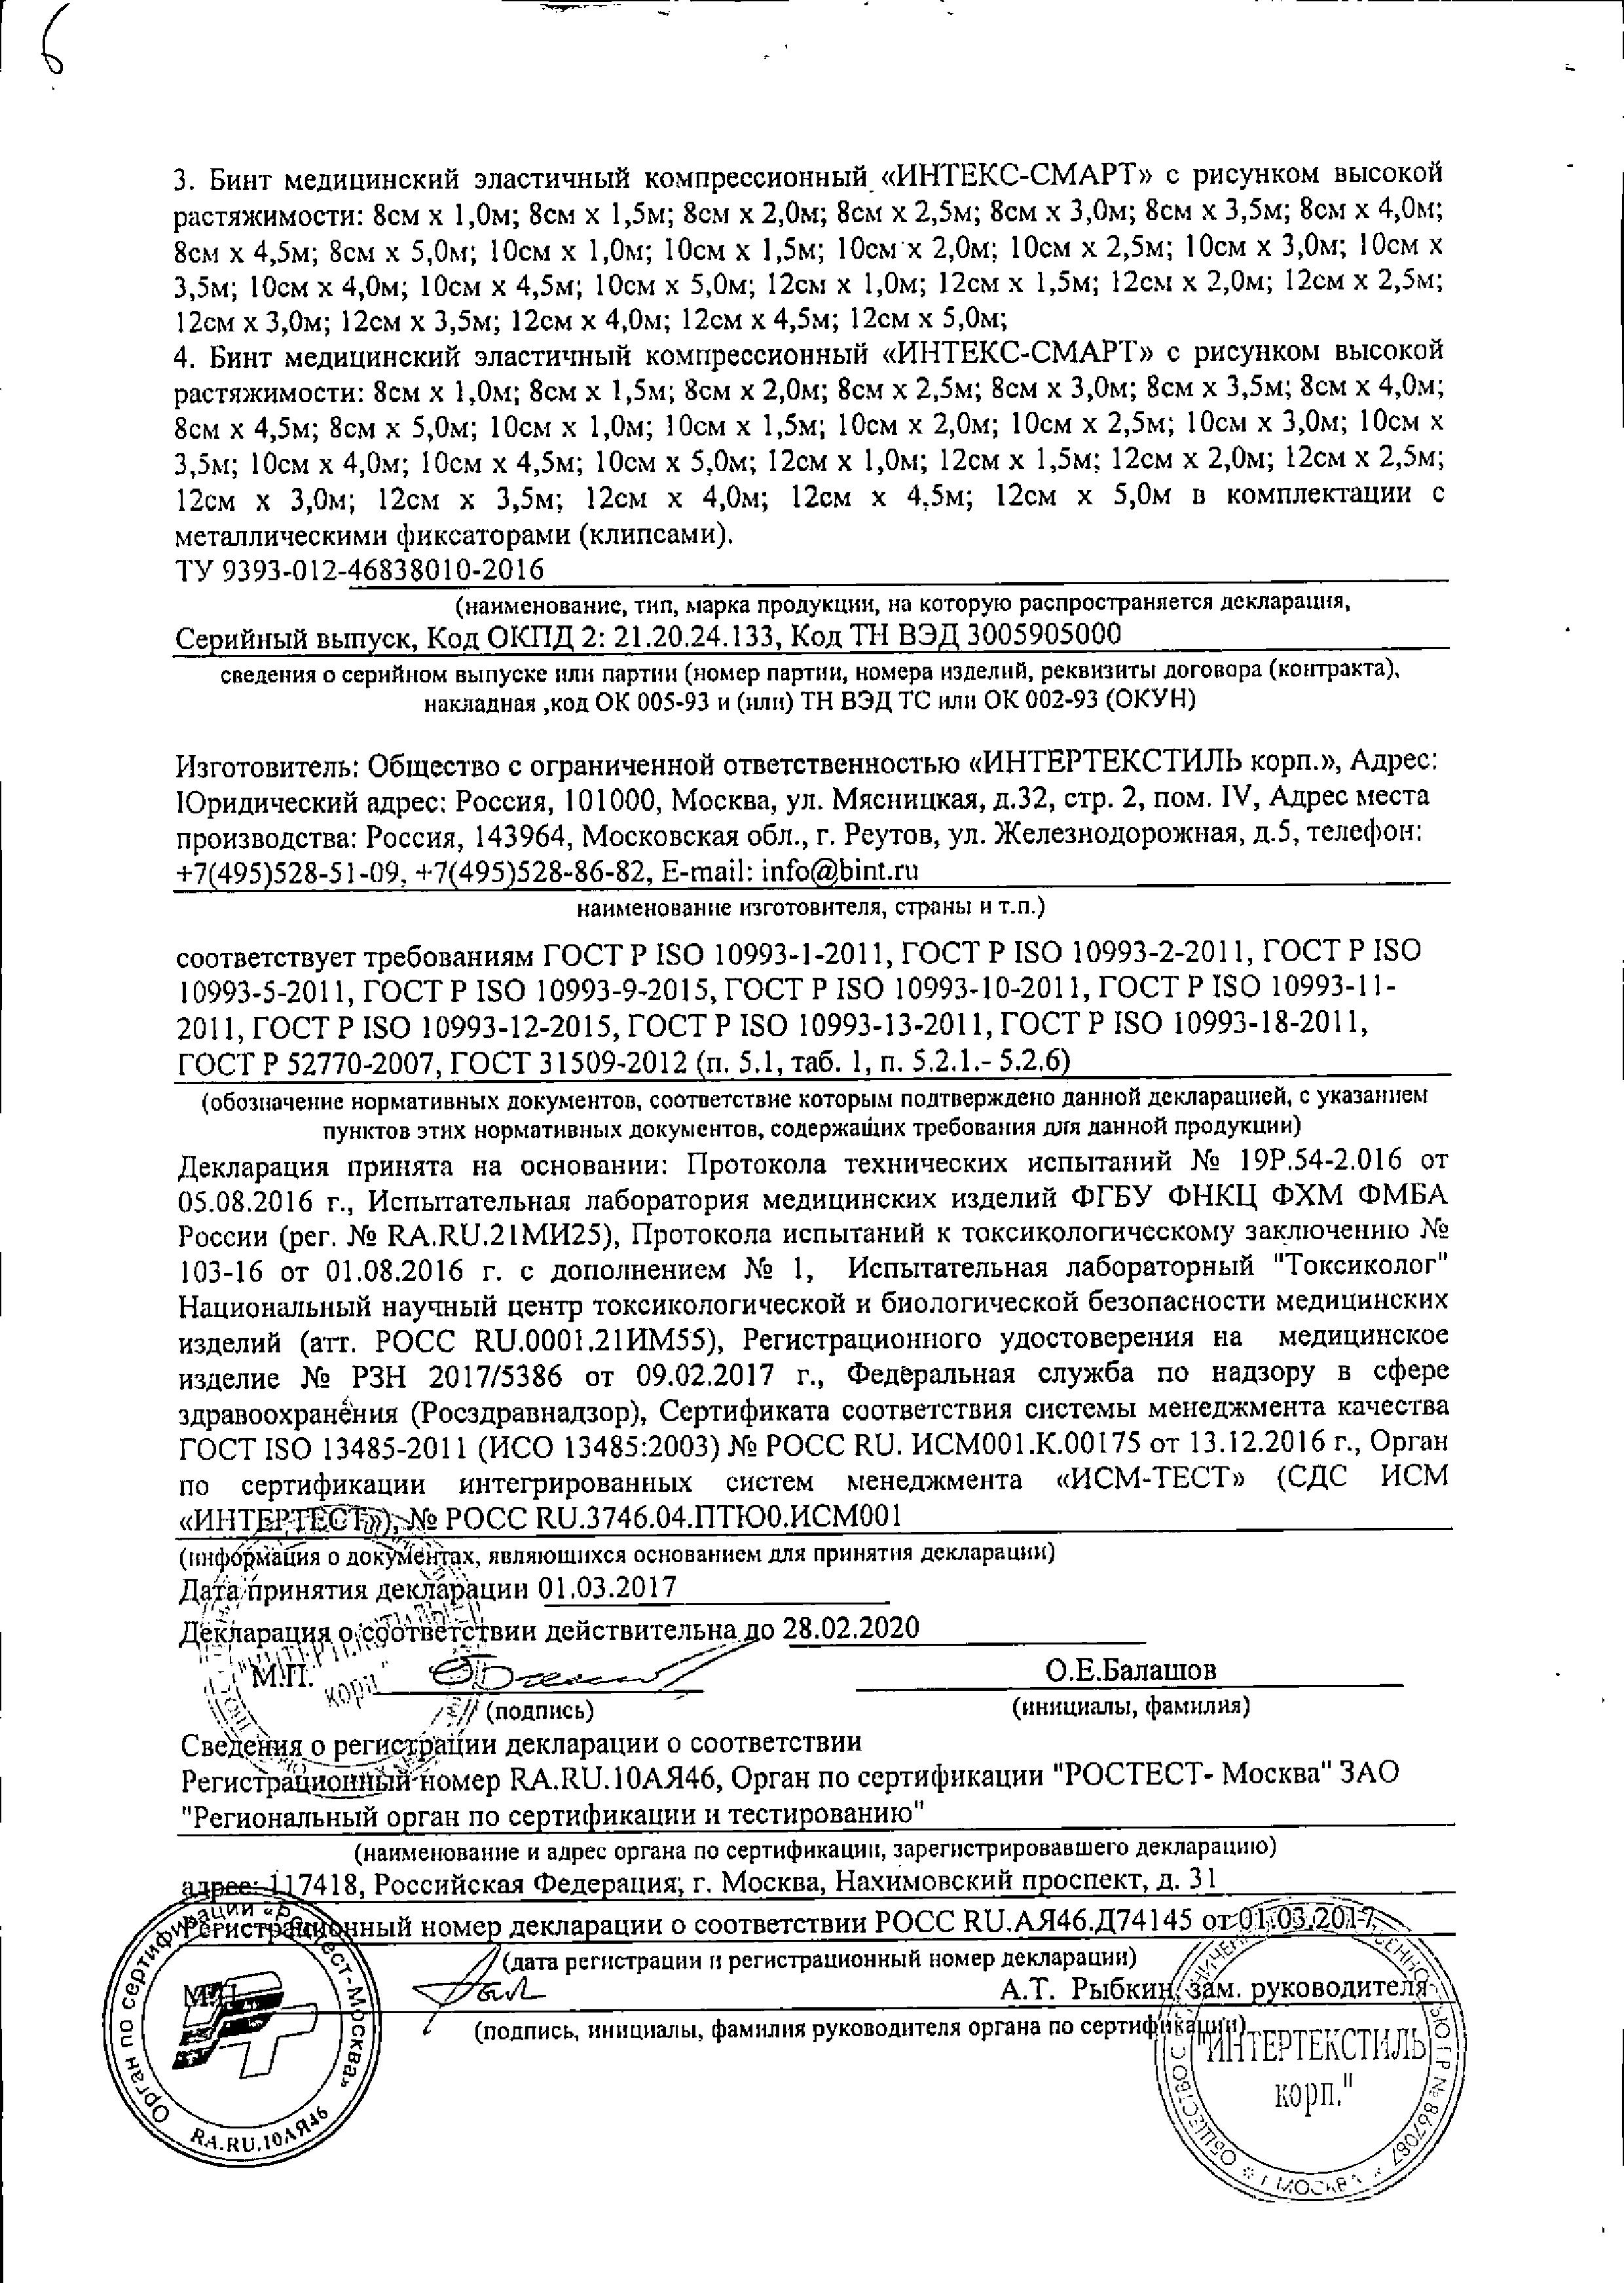 Клинса Бинт эластичный компрессионный Интекс-смарт сертификат